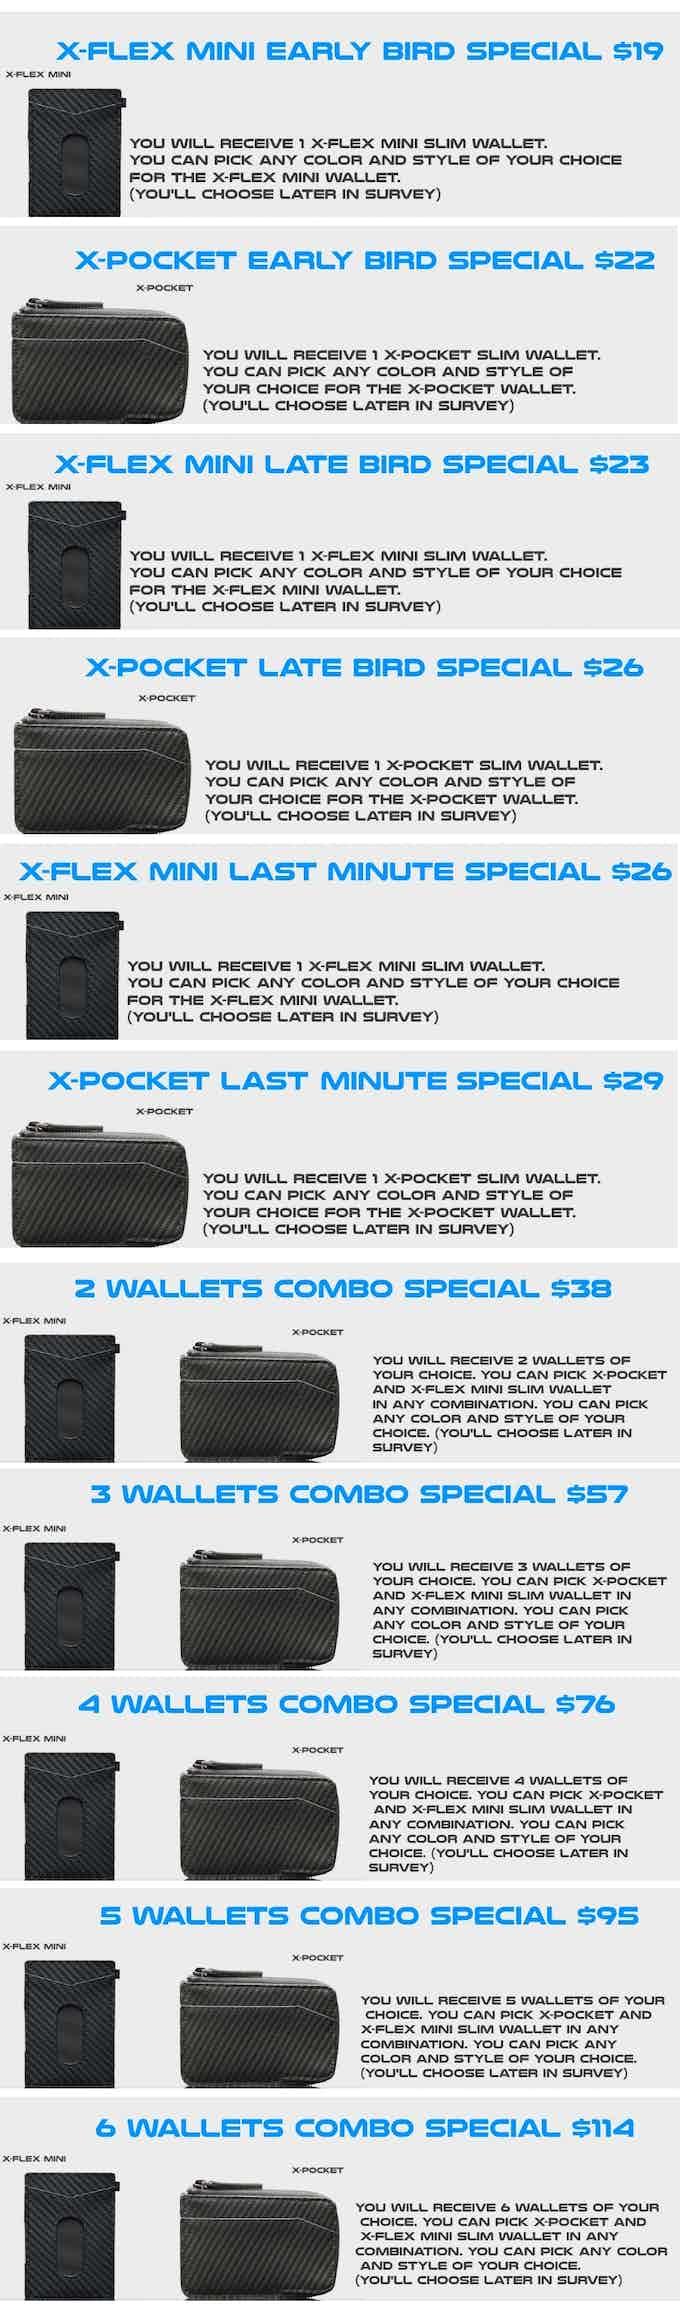 X-Flex Mini and X-Pocket rewards